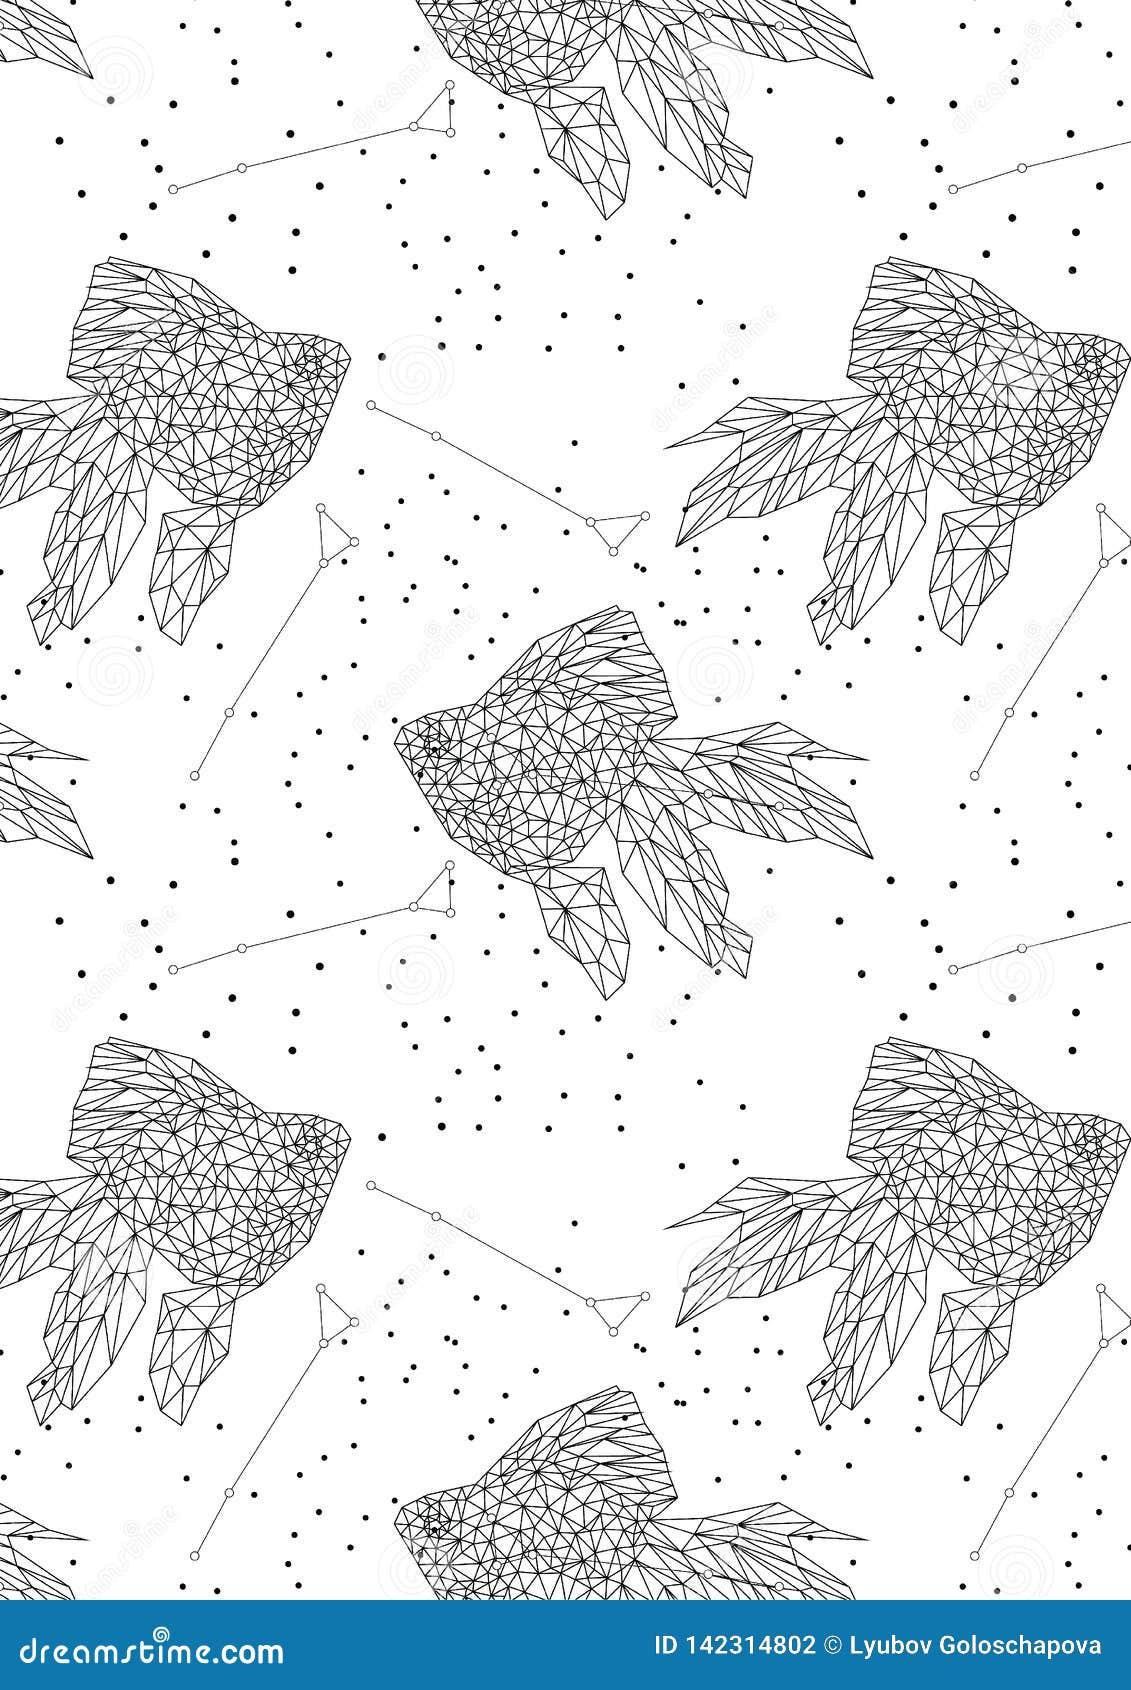 Fundo da constelação da constelação preto e branco dos peixes do ouro na forma geométrica